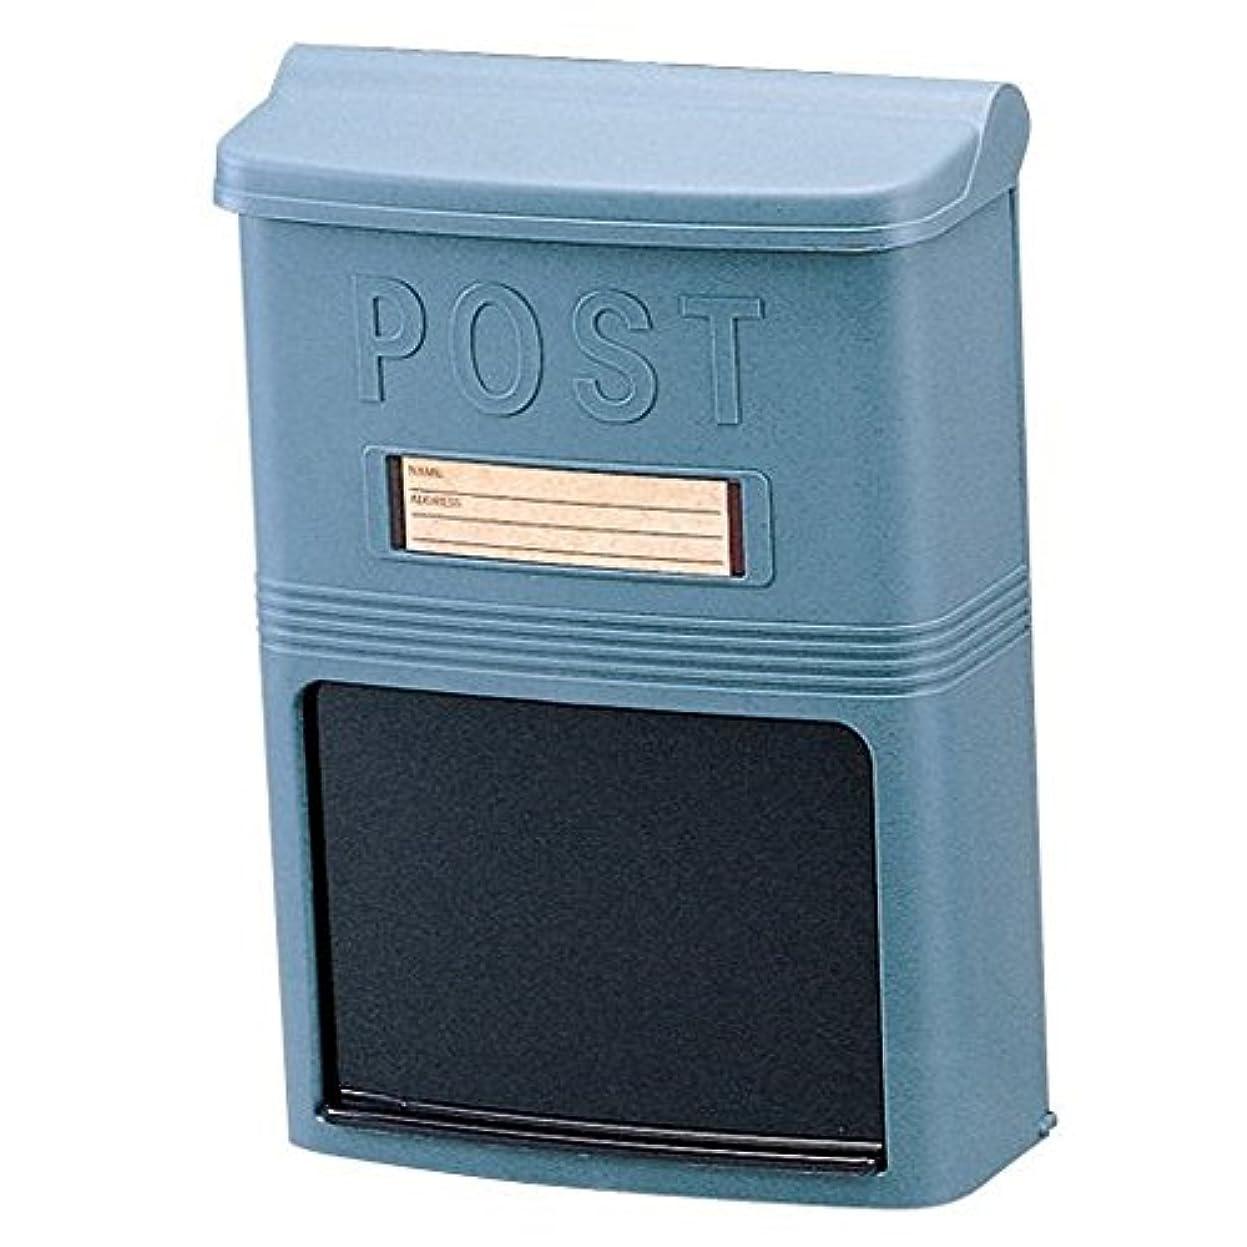 でキャラクター支援アイリスオーヤマ 郵便ポスト ネット通販ボックス 青銅色 PH-380N